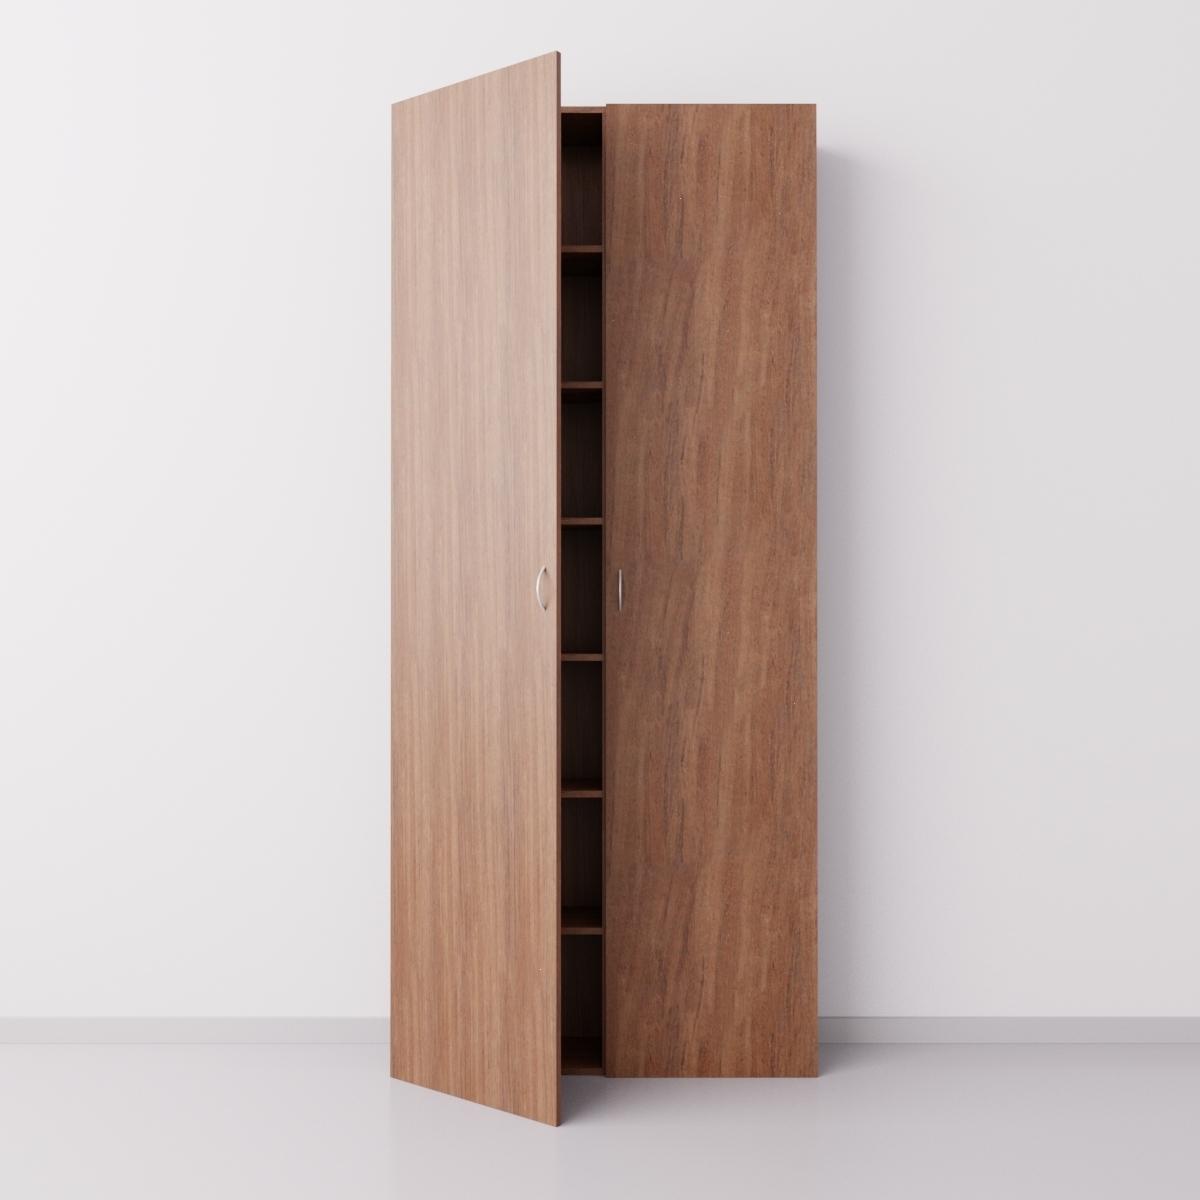 Высокий шкаф с двумя большими дверцами из ДСП, орех